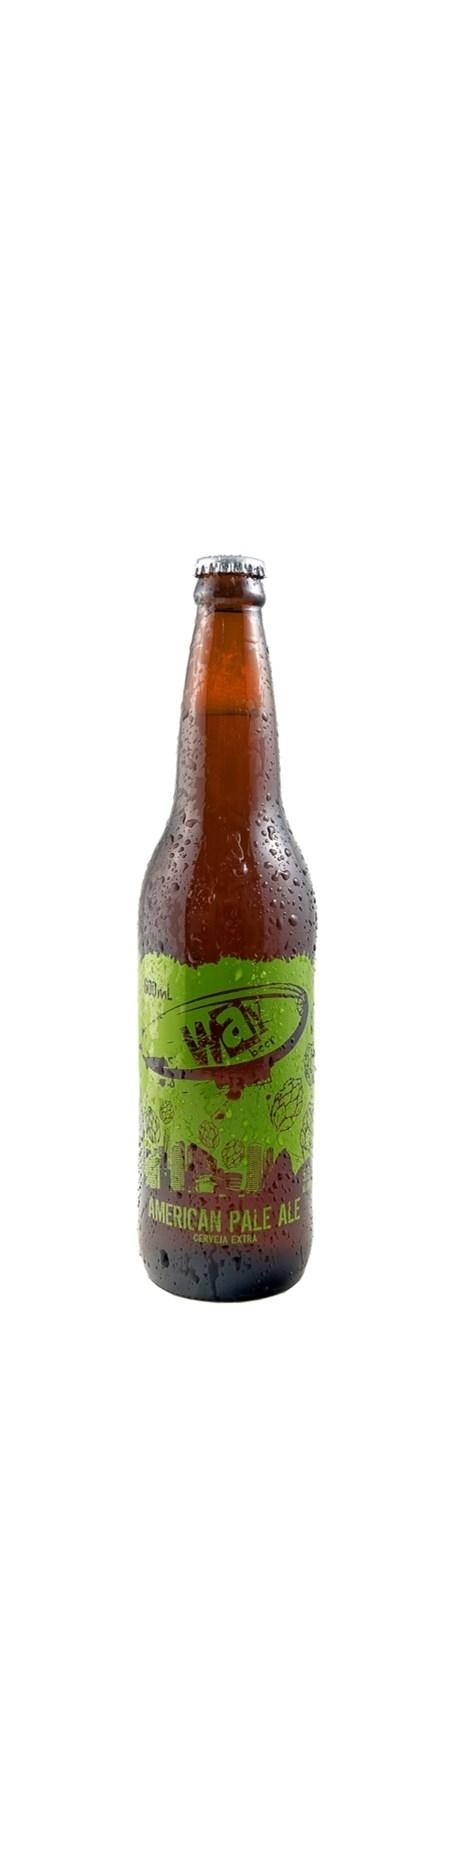 Way Beer American Pale Ale 600ml